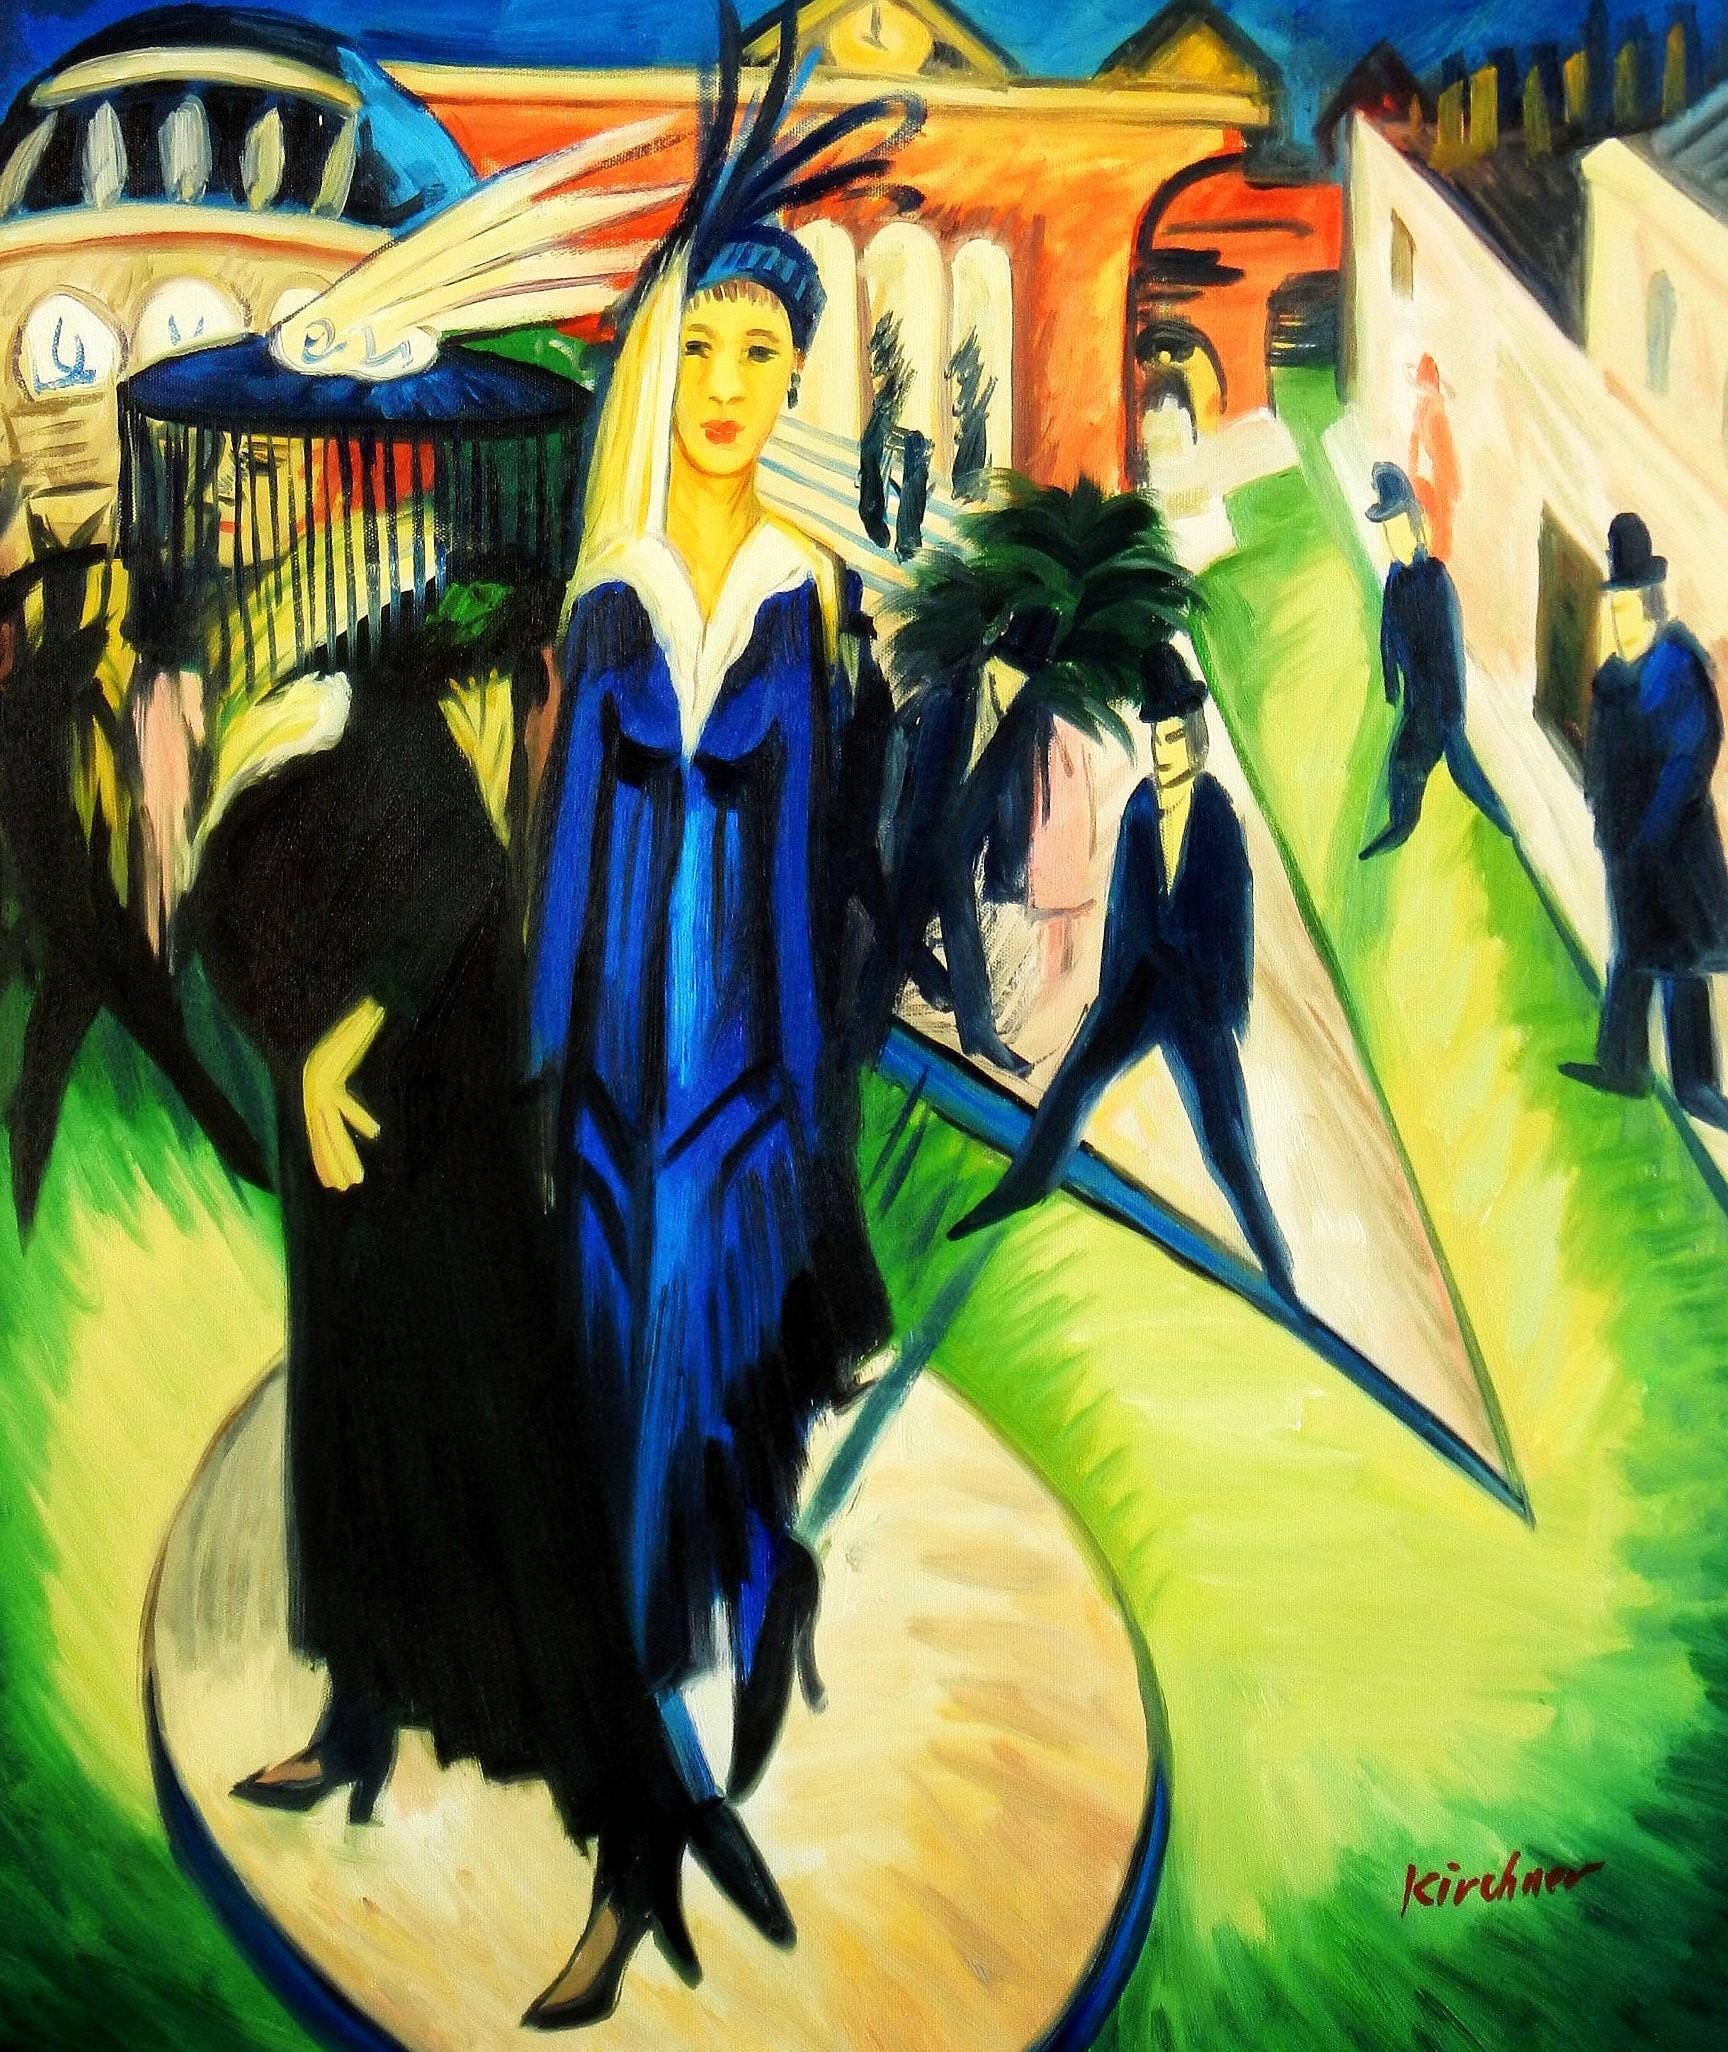 Ernst Ludwig Kirchner - Potsdamer Platz c93653 50x60cm exquisites Ölbild